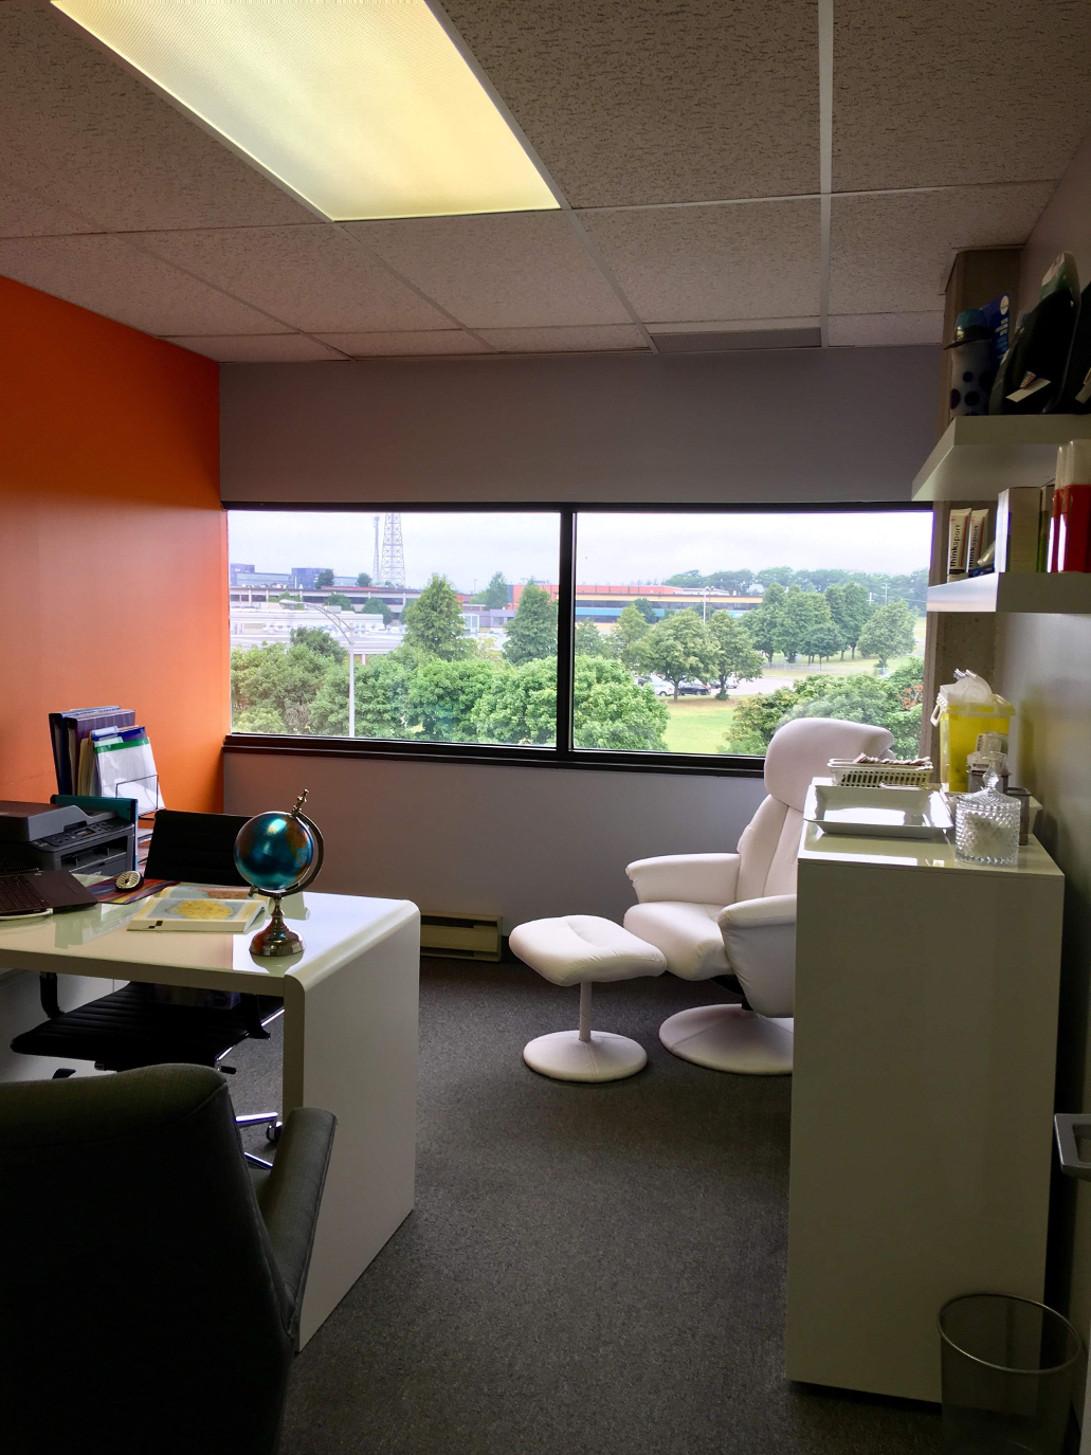 Passport Health Quebec City Clinique Santé-Voyage Consultation Room